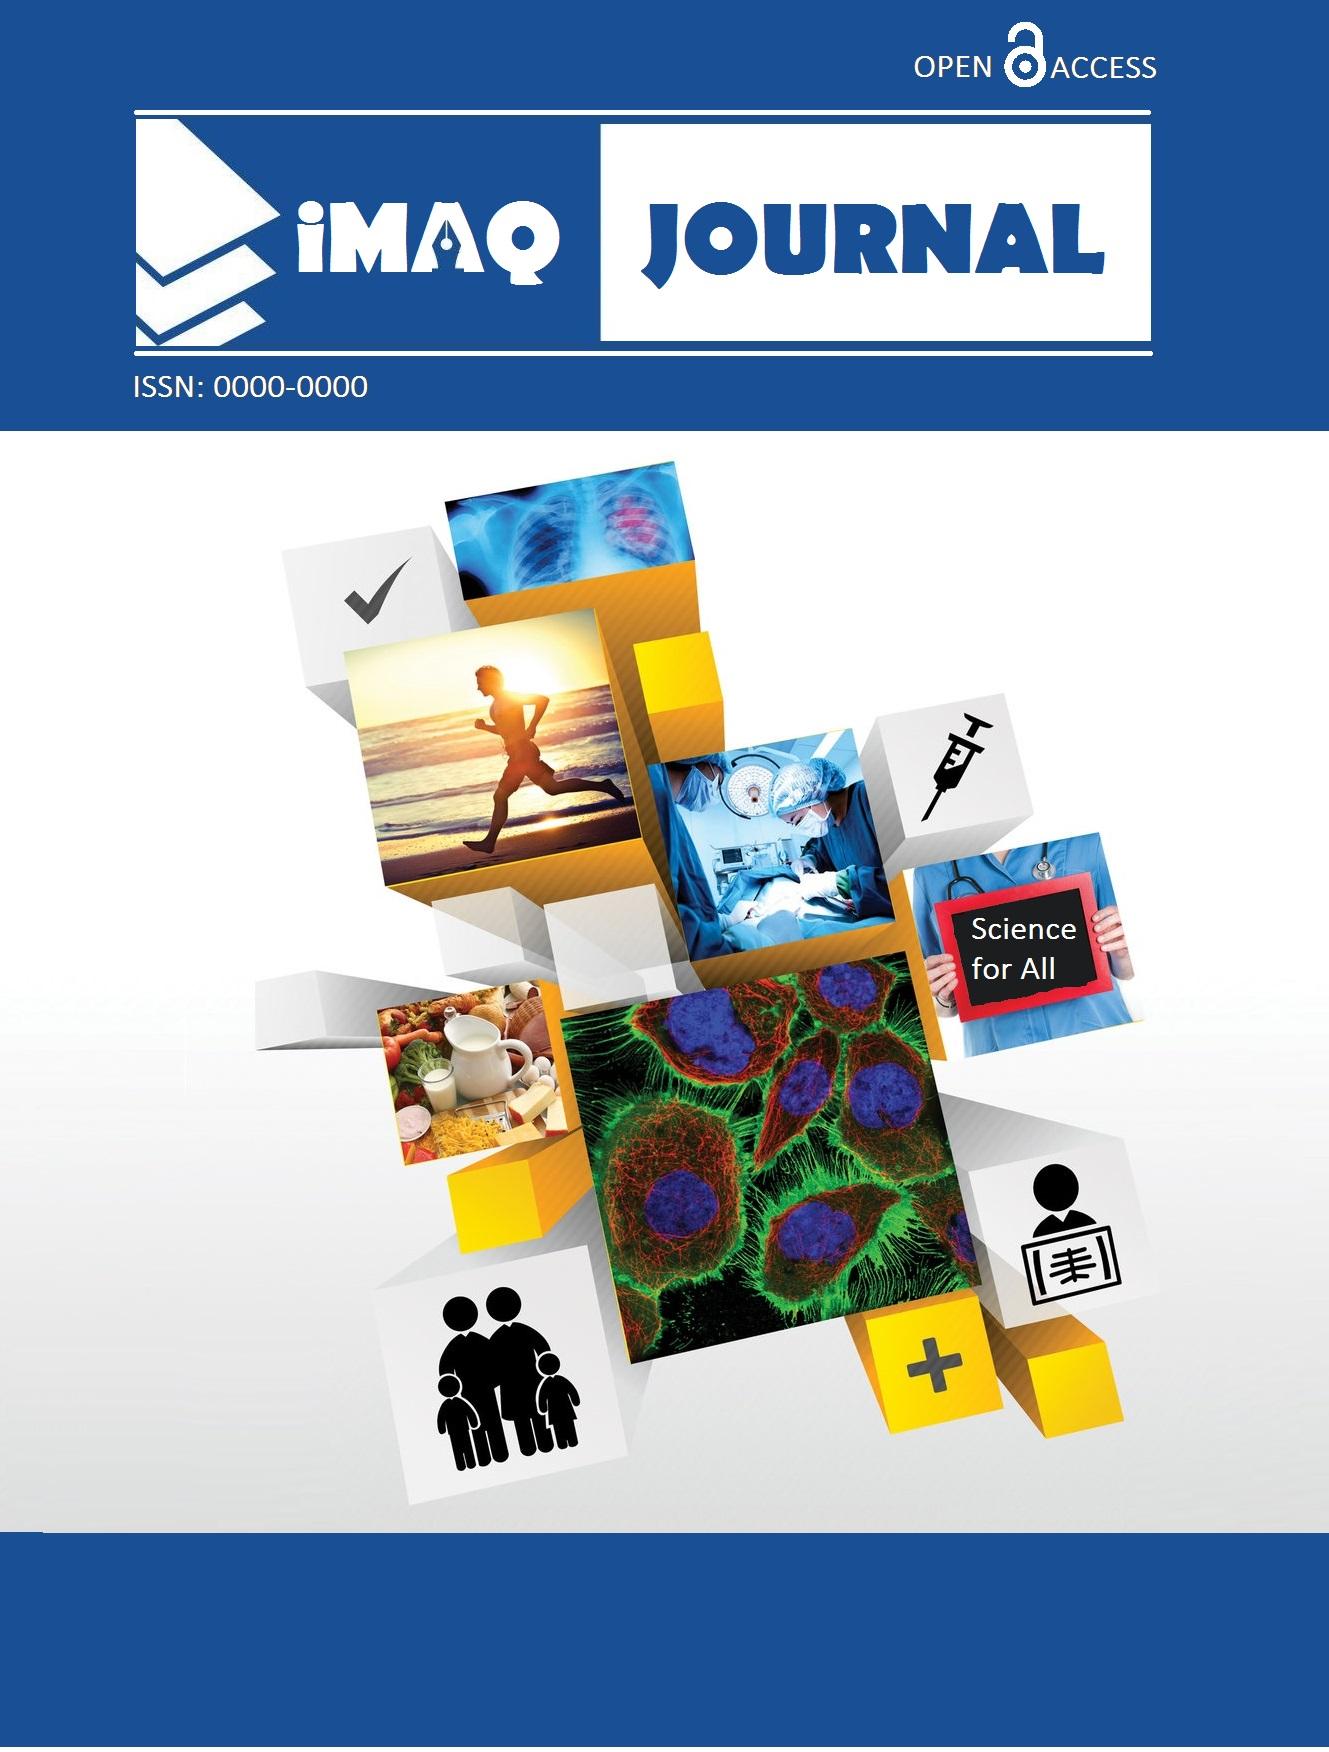 iMAQ Journal